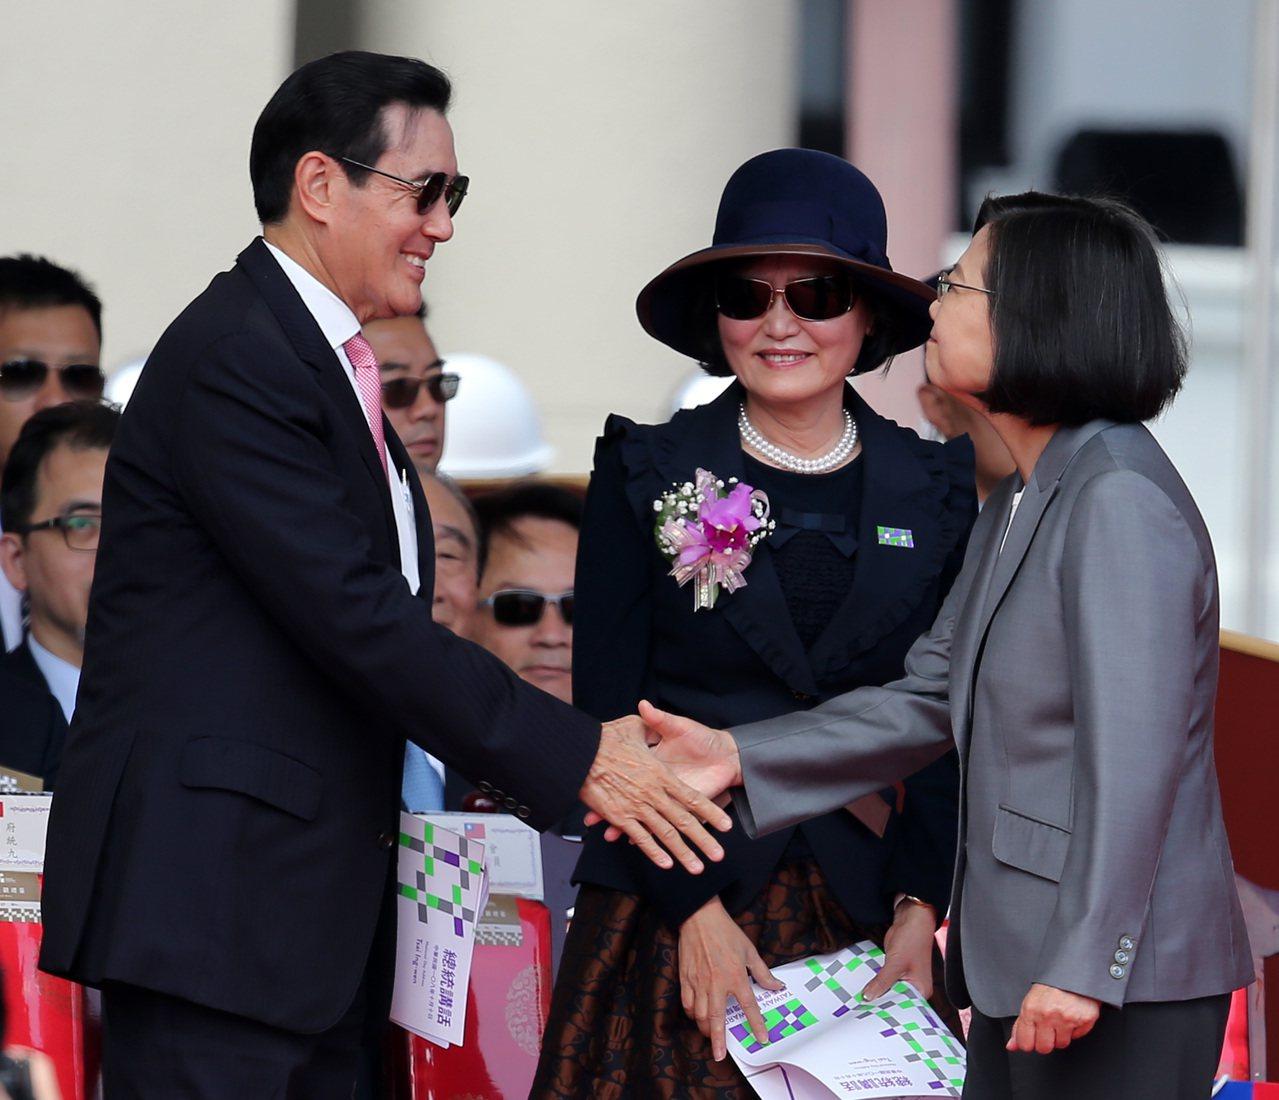 民國108年國慶典禮上午在總統府前舉行。蔡英文總統(右)與前總統馬英九(左)握手...